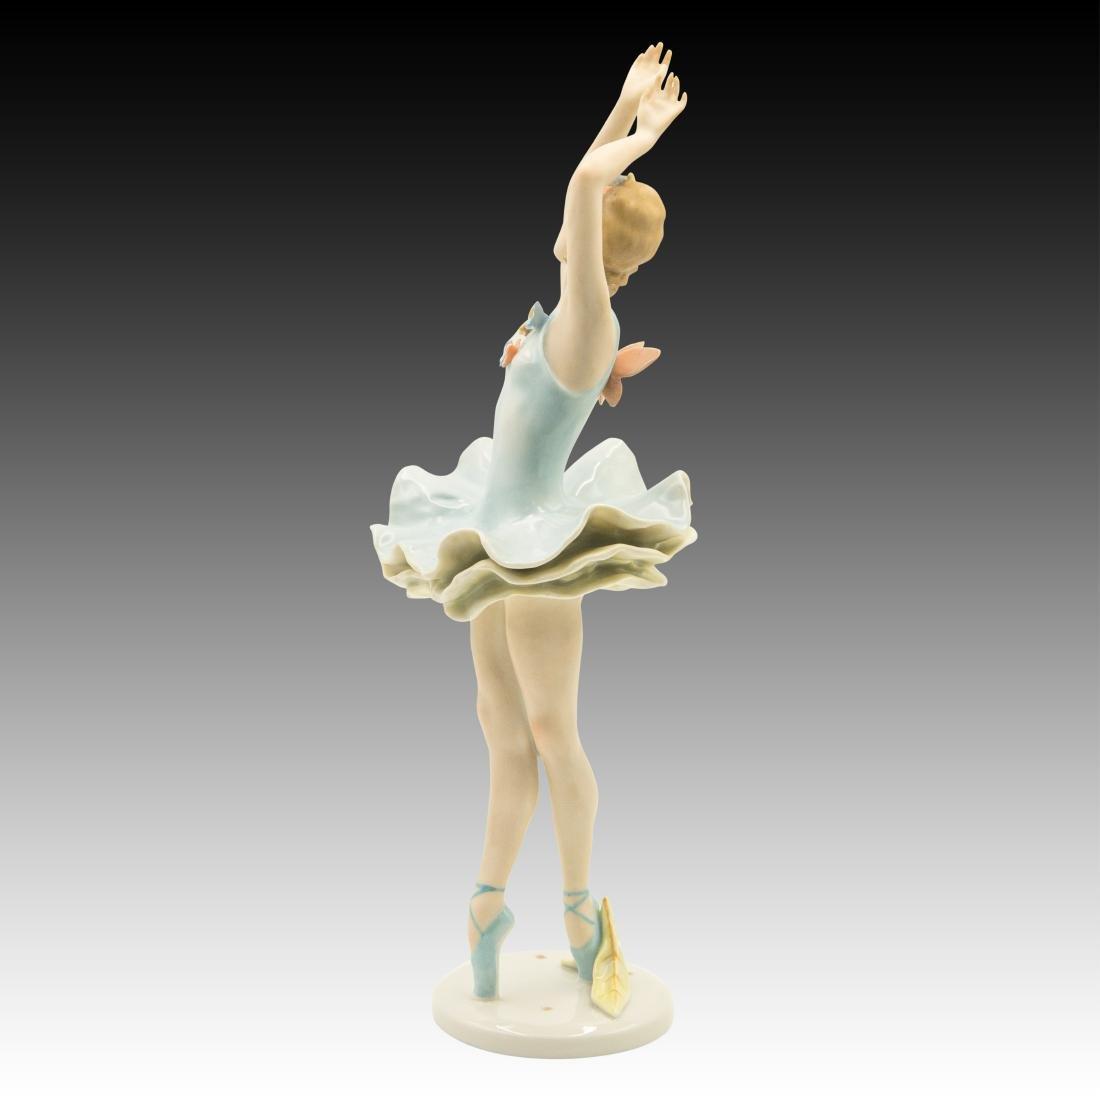 Rosenthal Ballerina with Butterflies Figurine - 2